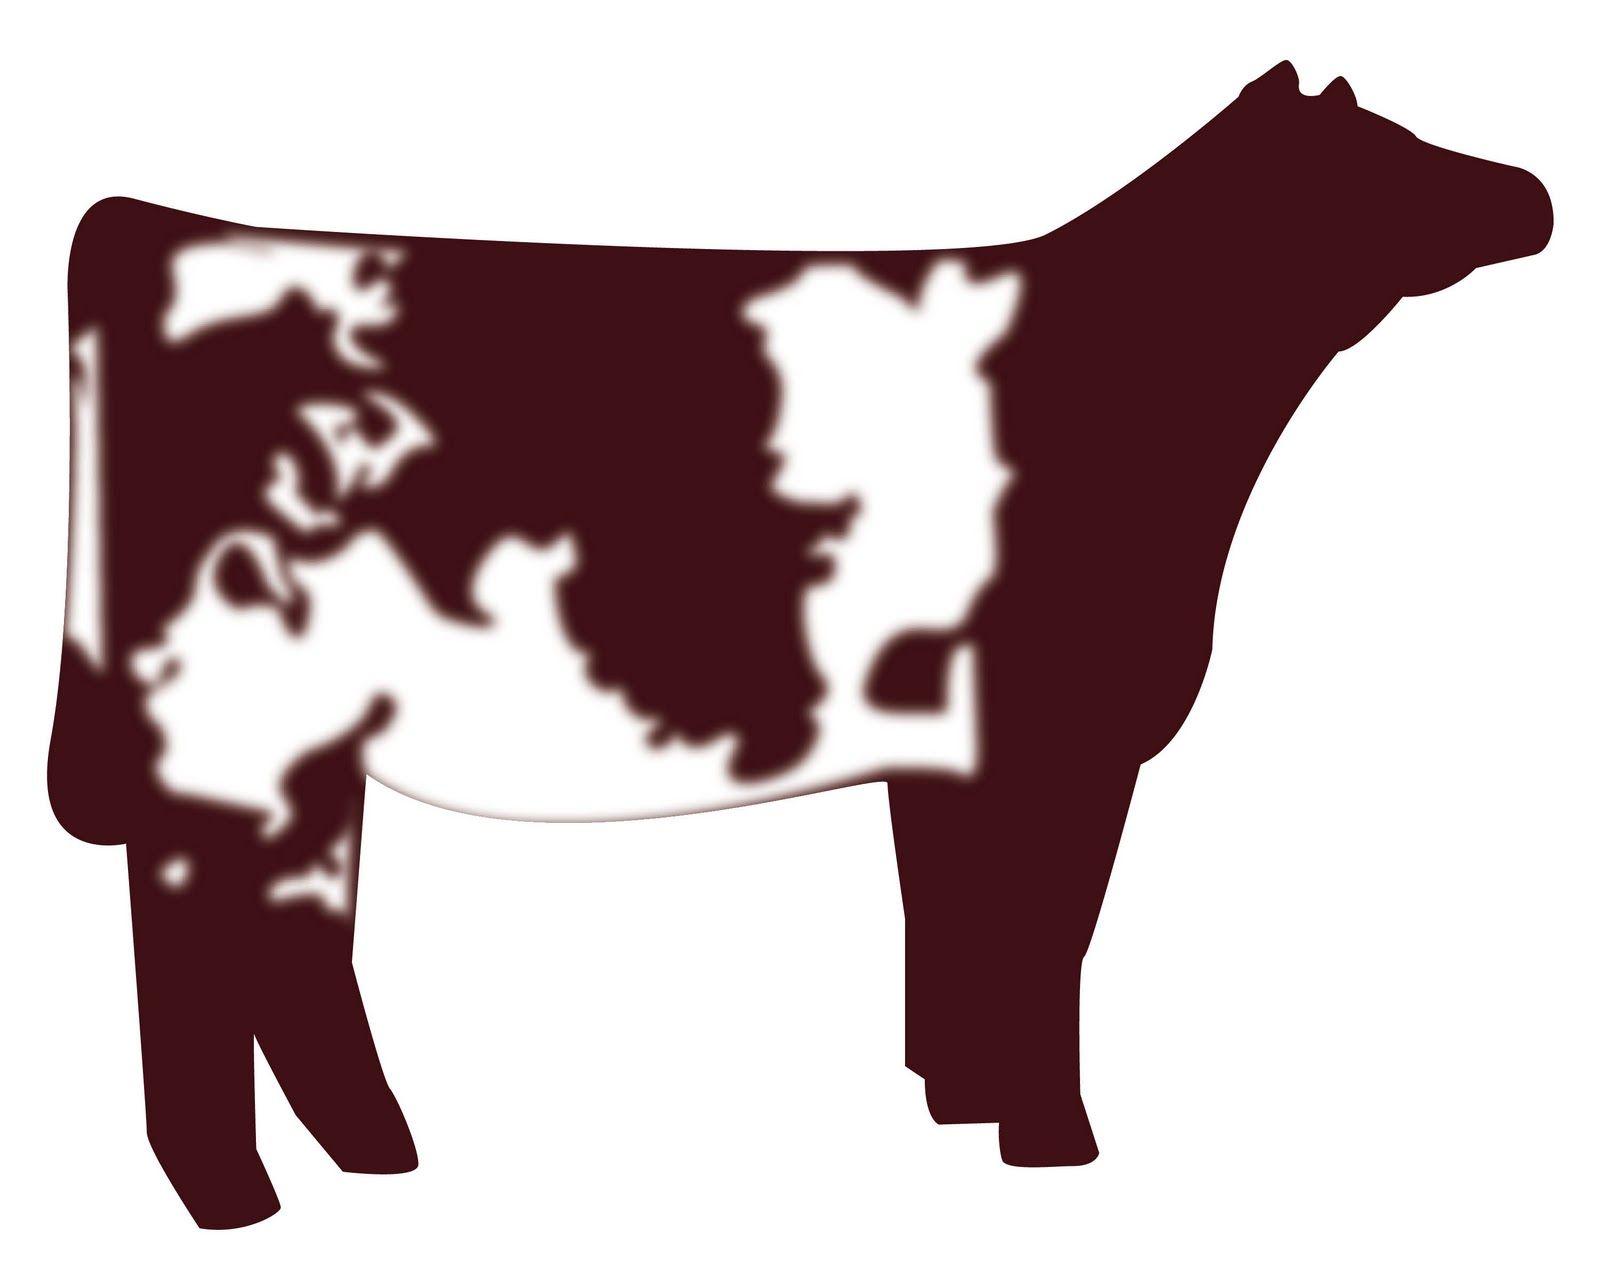 show heifer clip art | Shorthorn Heifer vector graphic